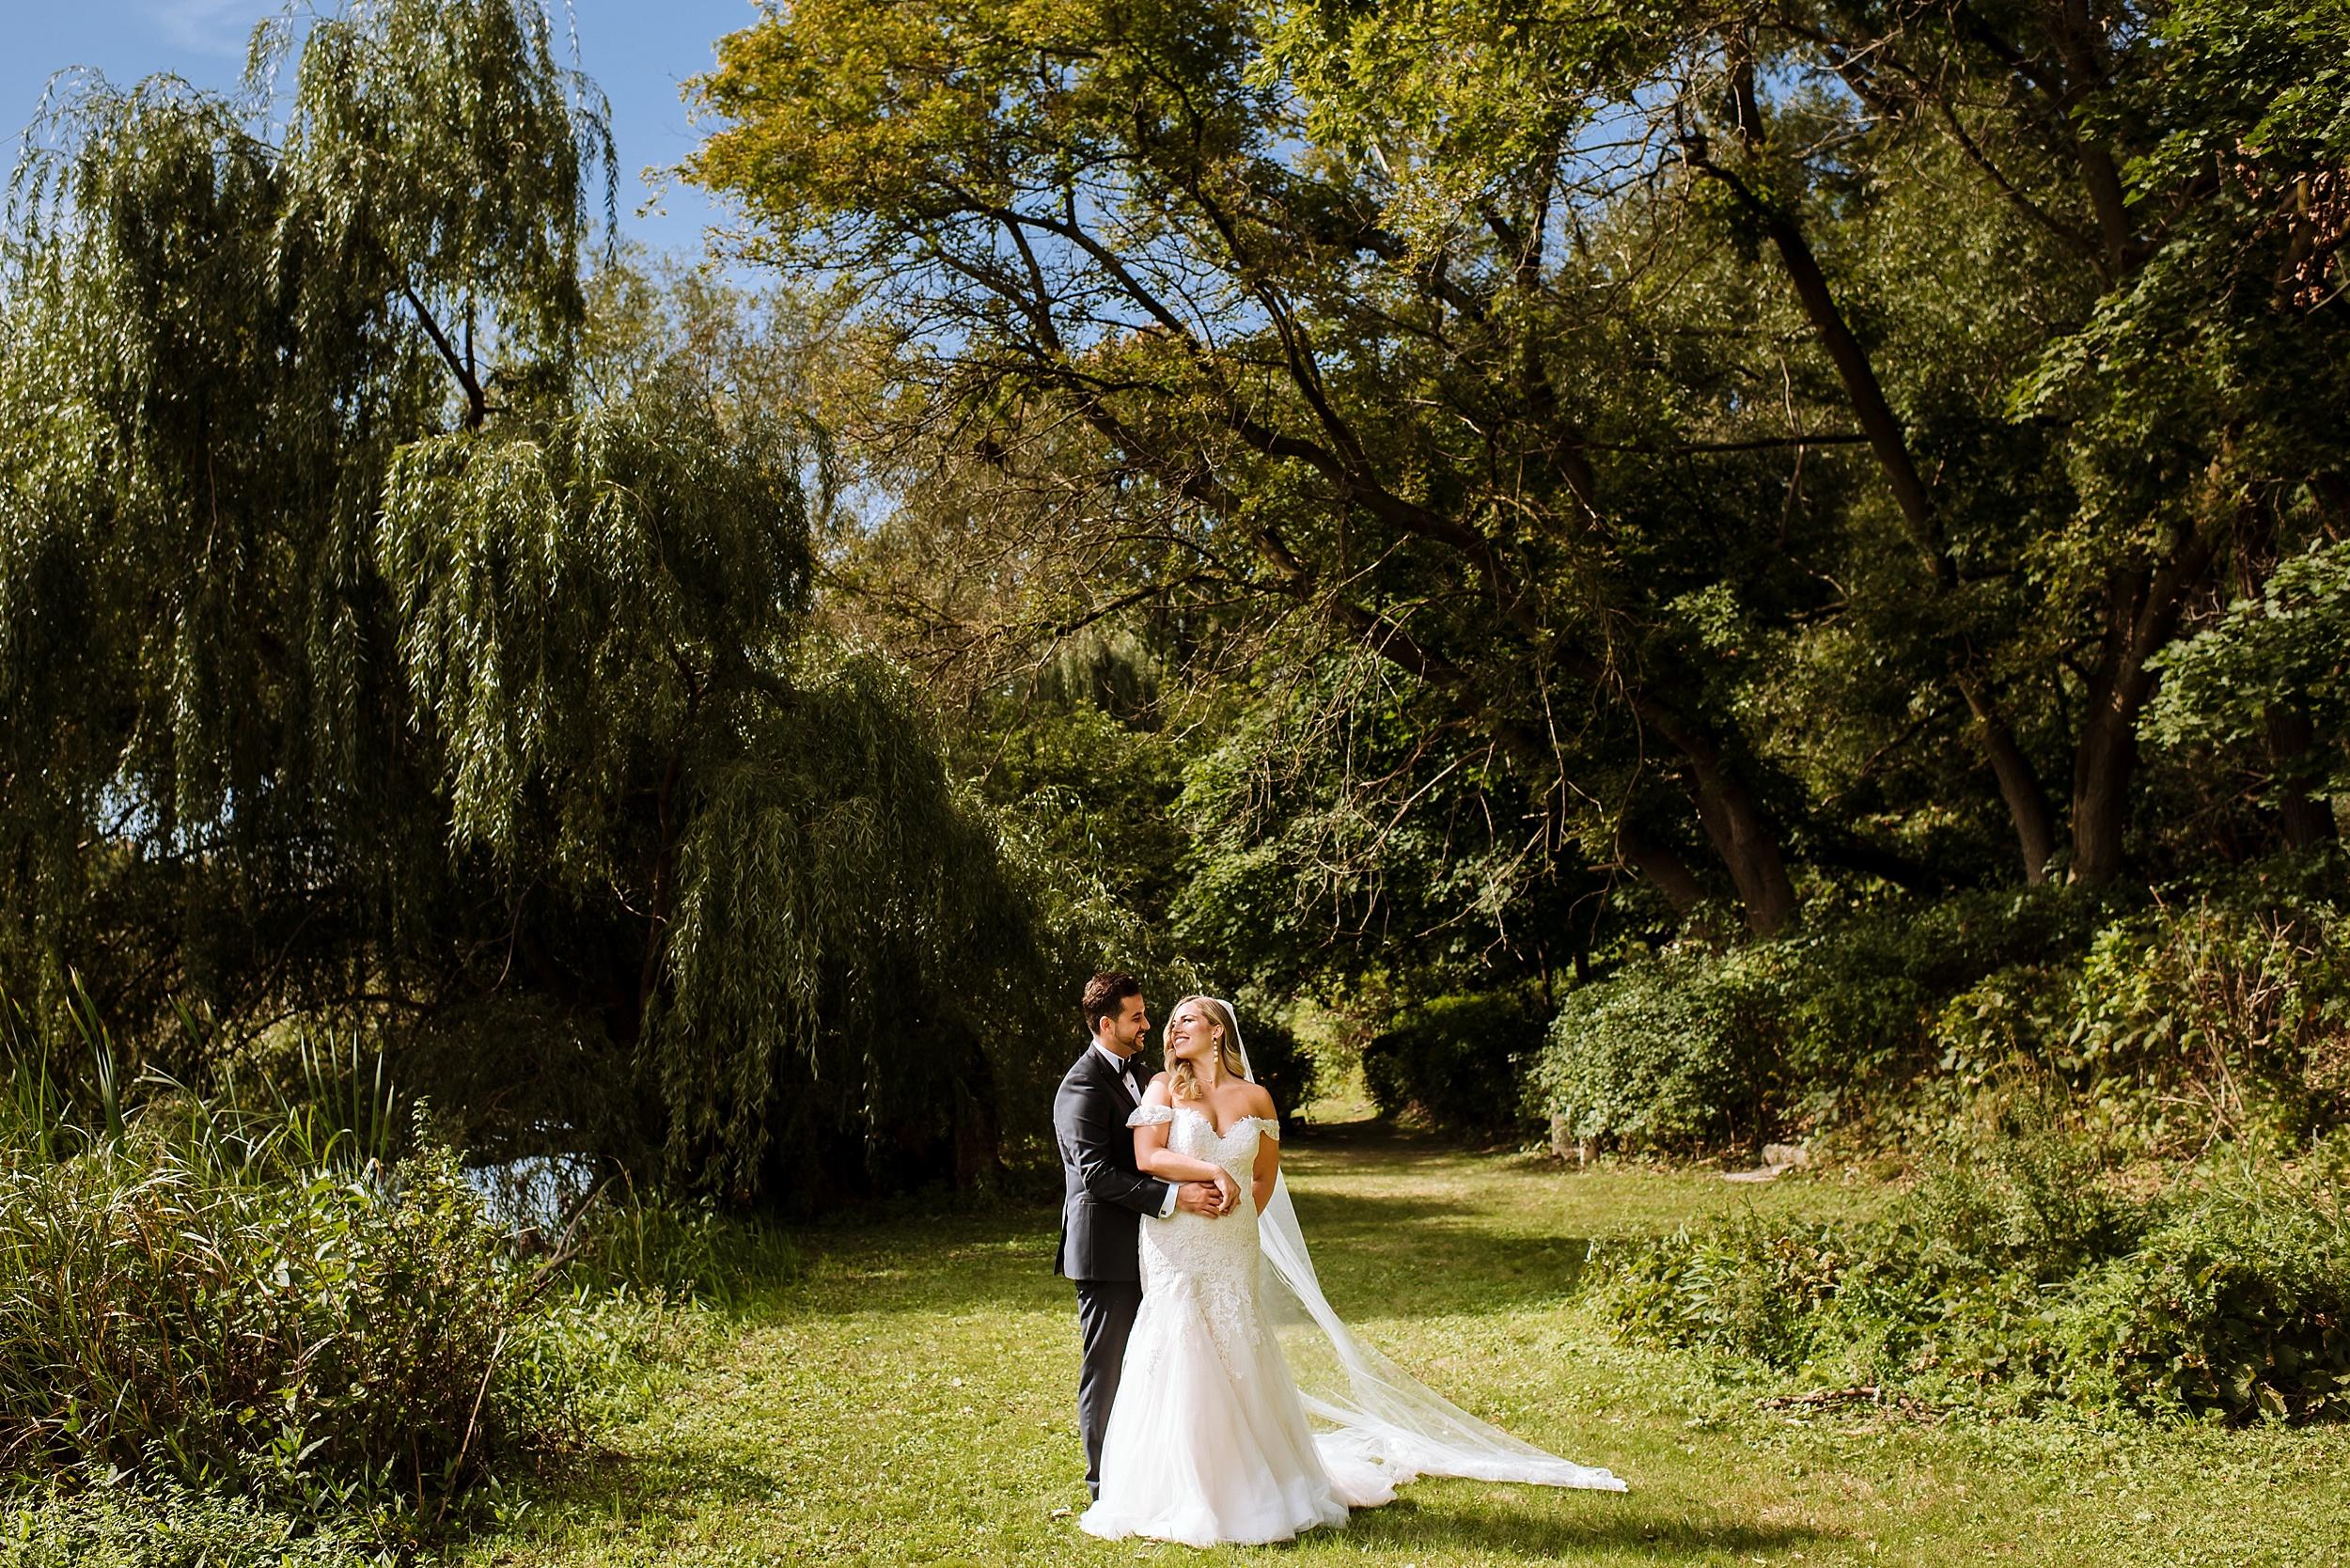 Rustic_Backyard_Wedding_Toronto_Photographer047.jpg